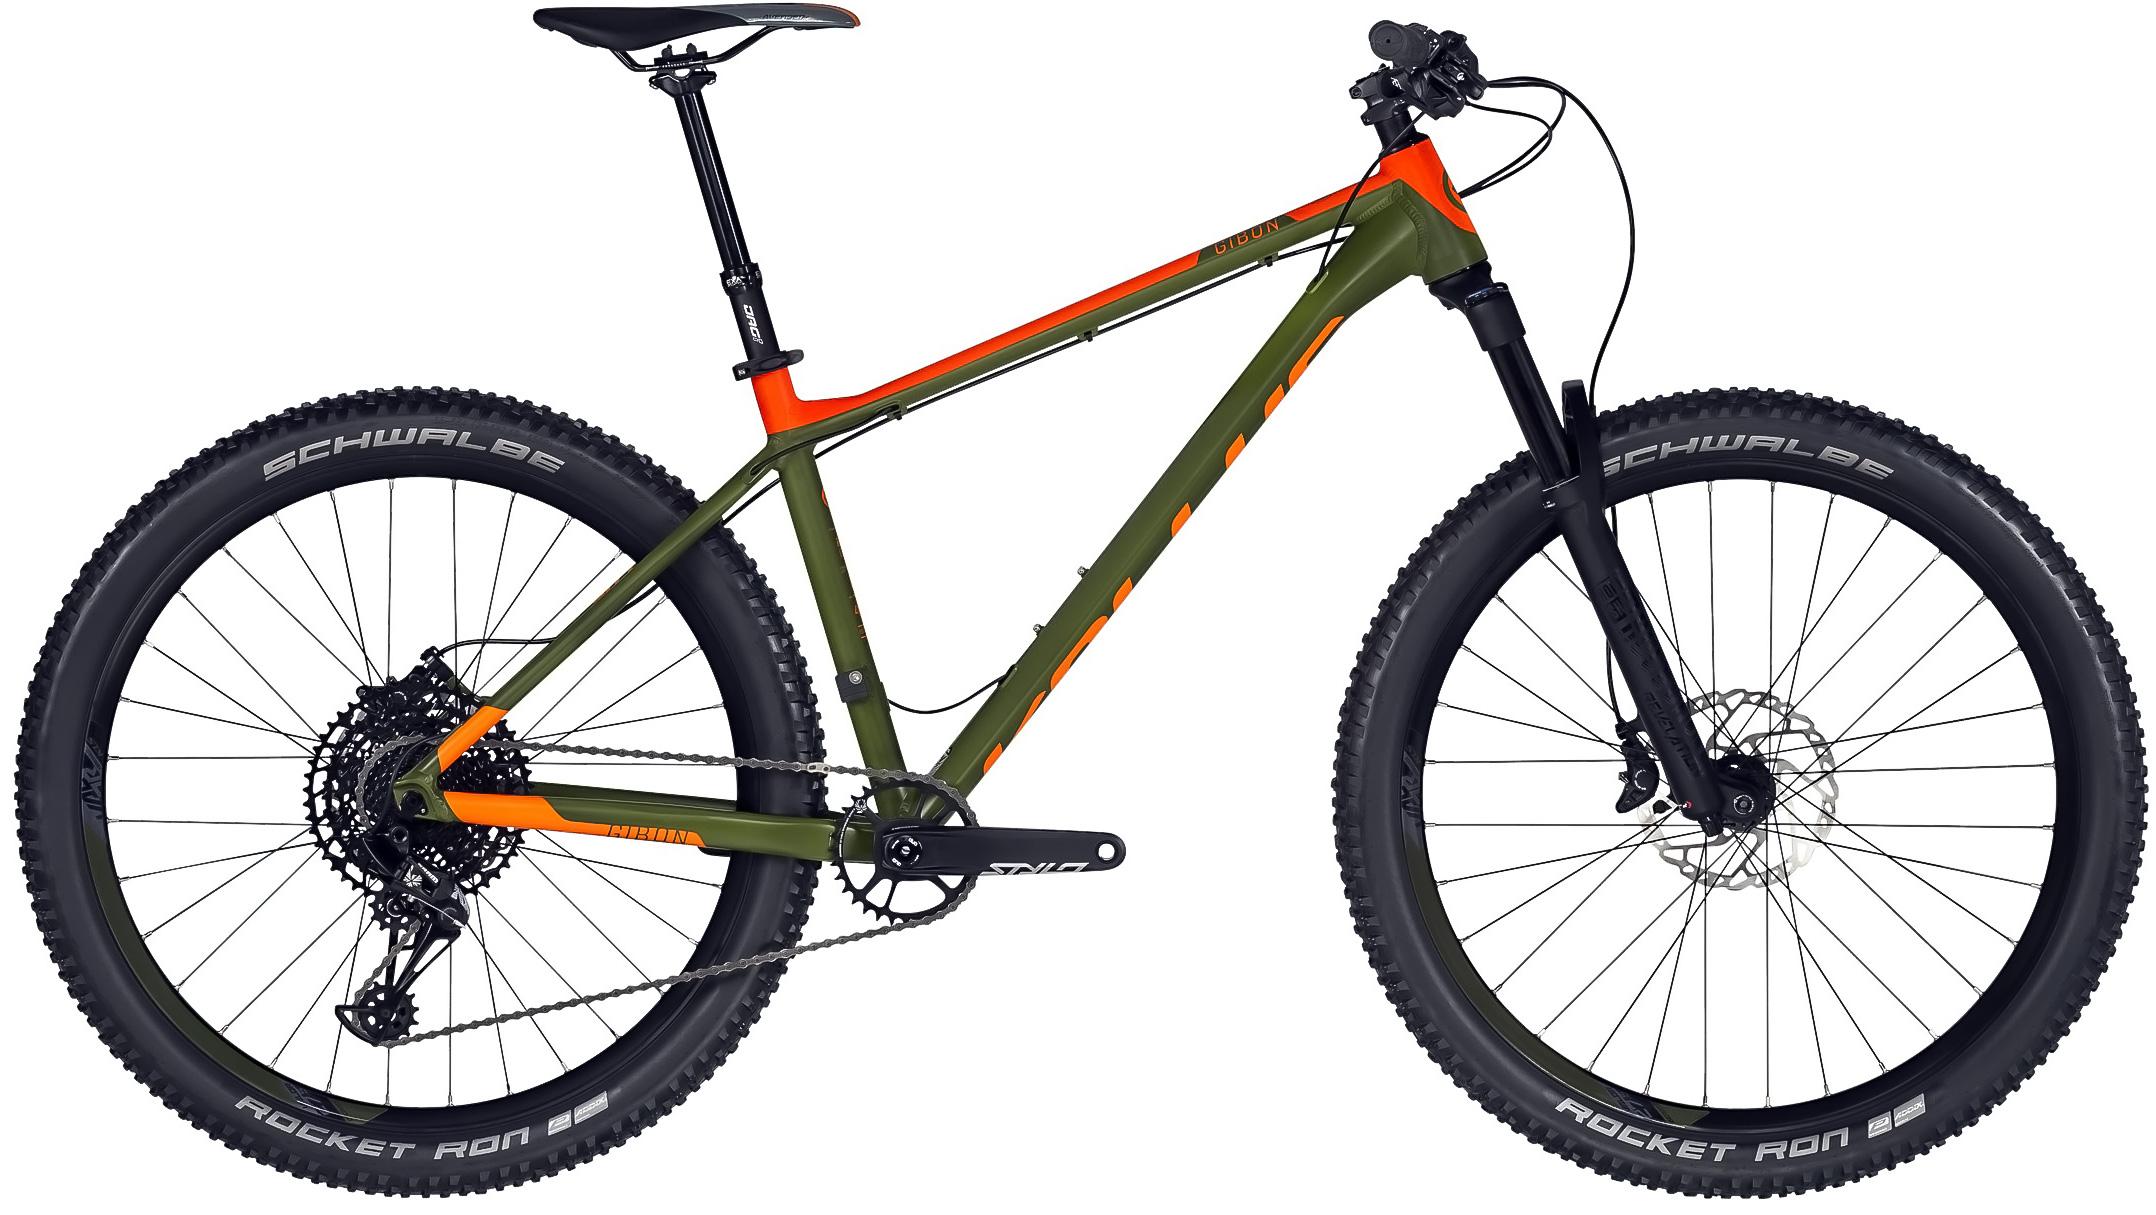 Kellys Gibon 70 2019 Modelový rok: 2019, Barva: zelená/oranžová, Velikost rámu: S